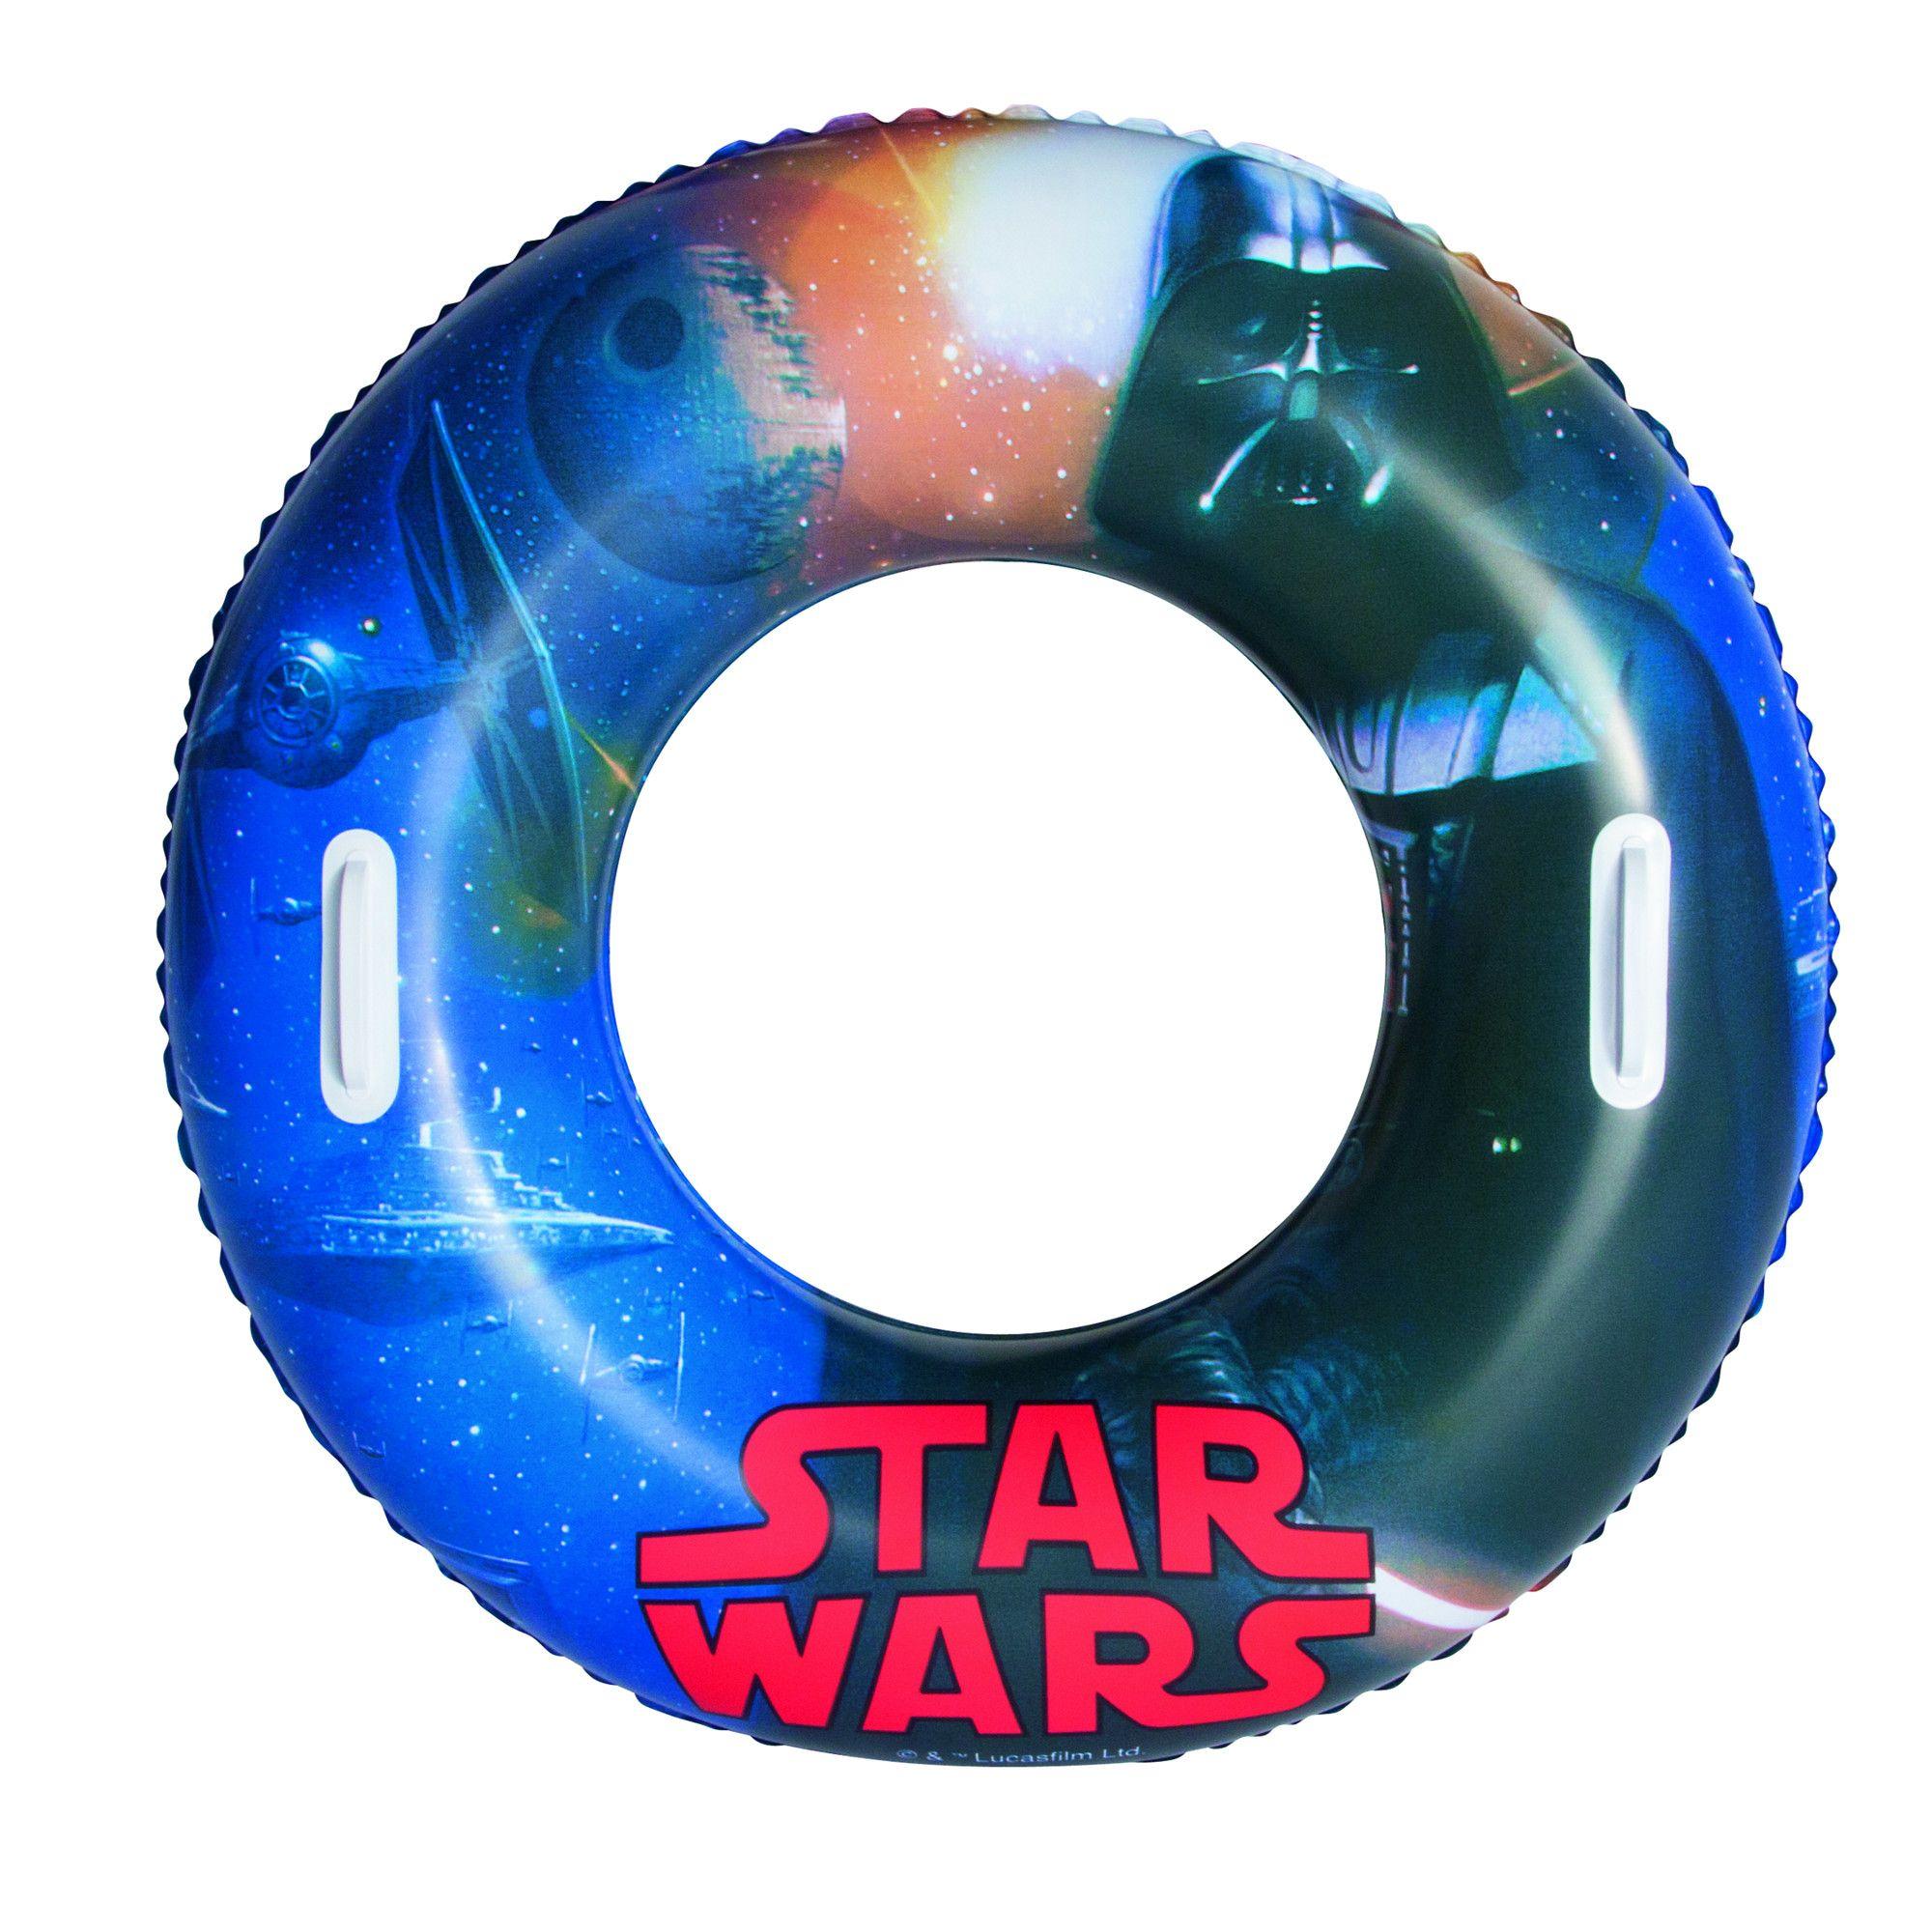 Надуваем пояс Bestway - Star Wars - 1